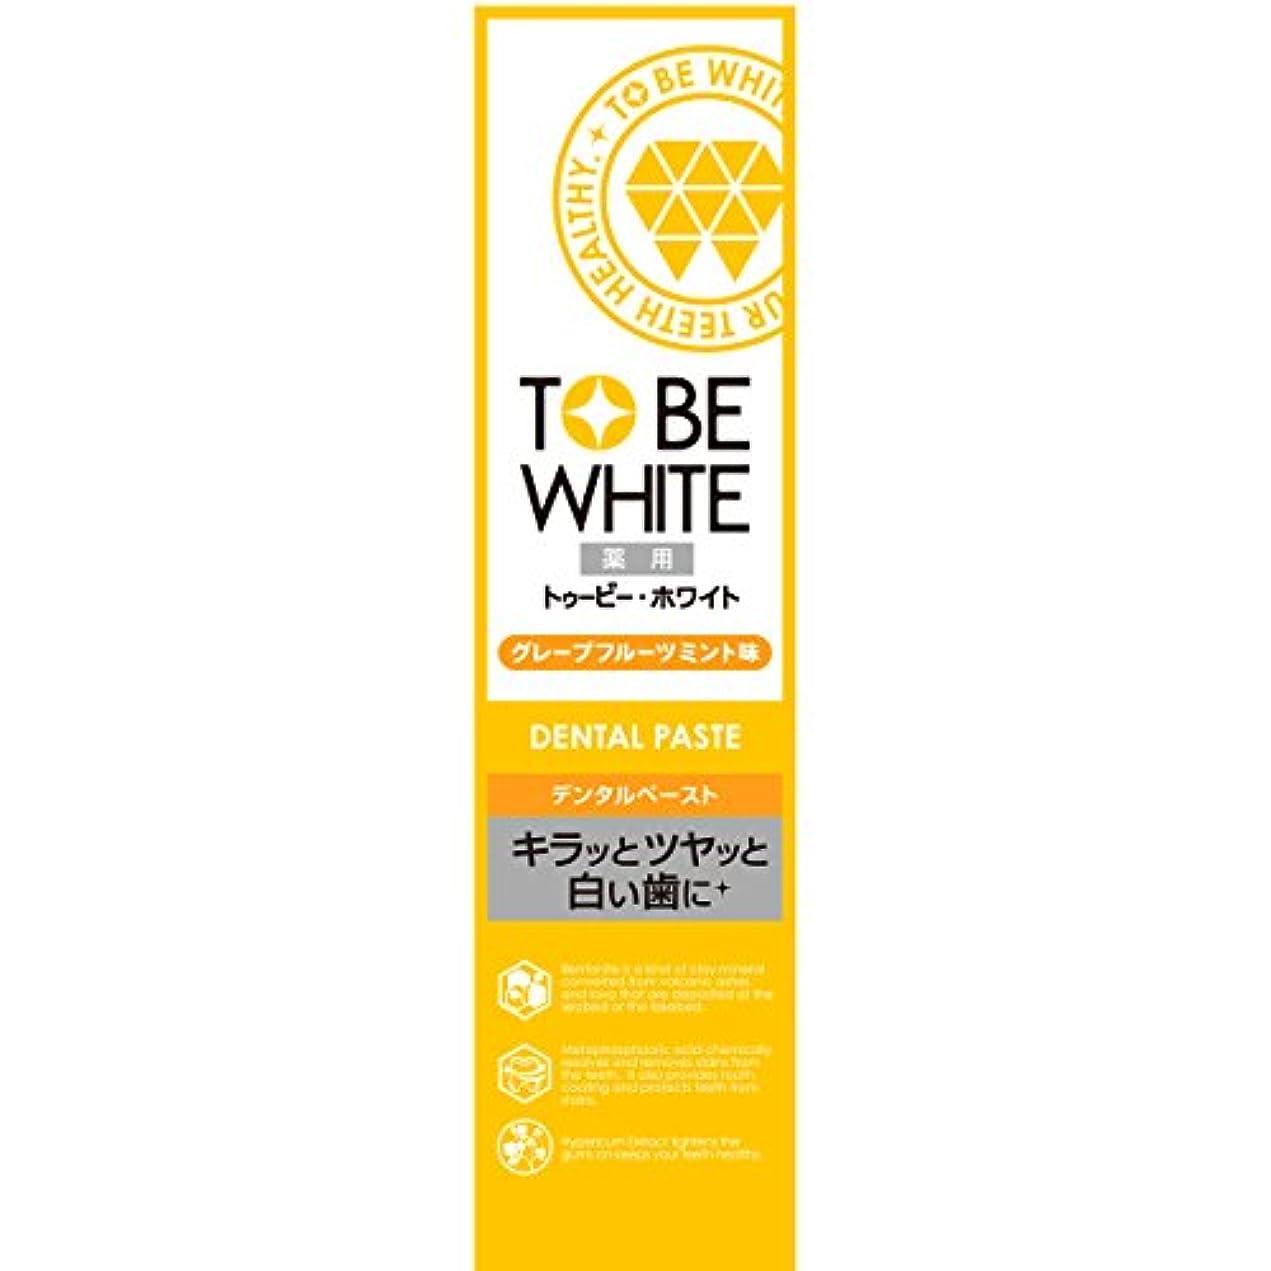 取る権限南アメリカトゥービー?ホワイト 薬用 ホワイトニング ハミガキ粉 グレープフルーツミント 味 60g 【医薬部外品】